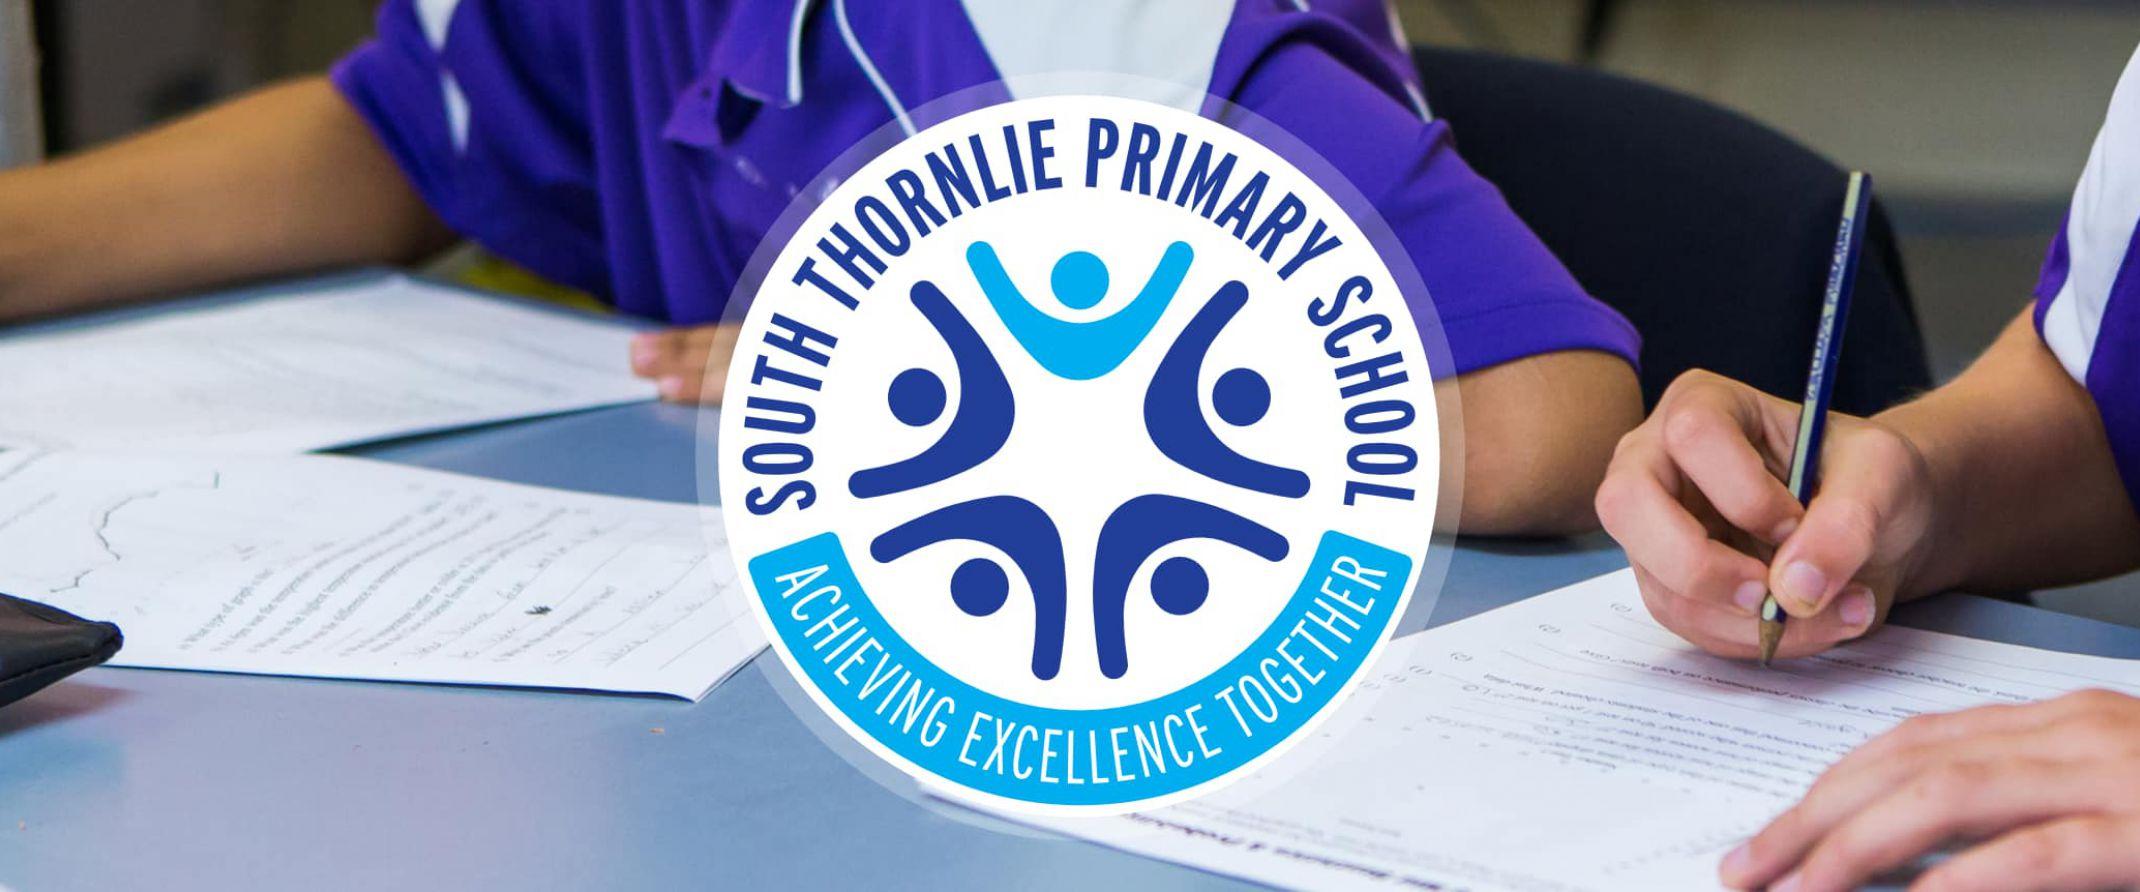 South Thornlie Primary School Website Development